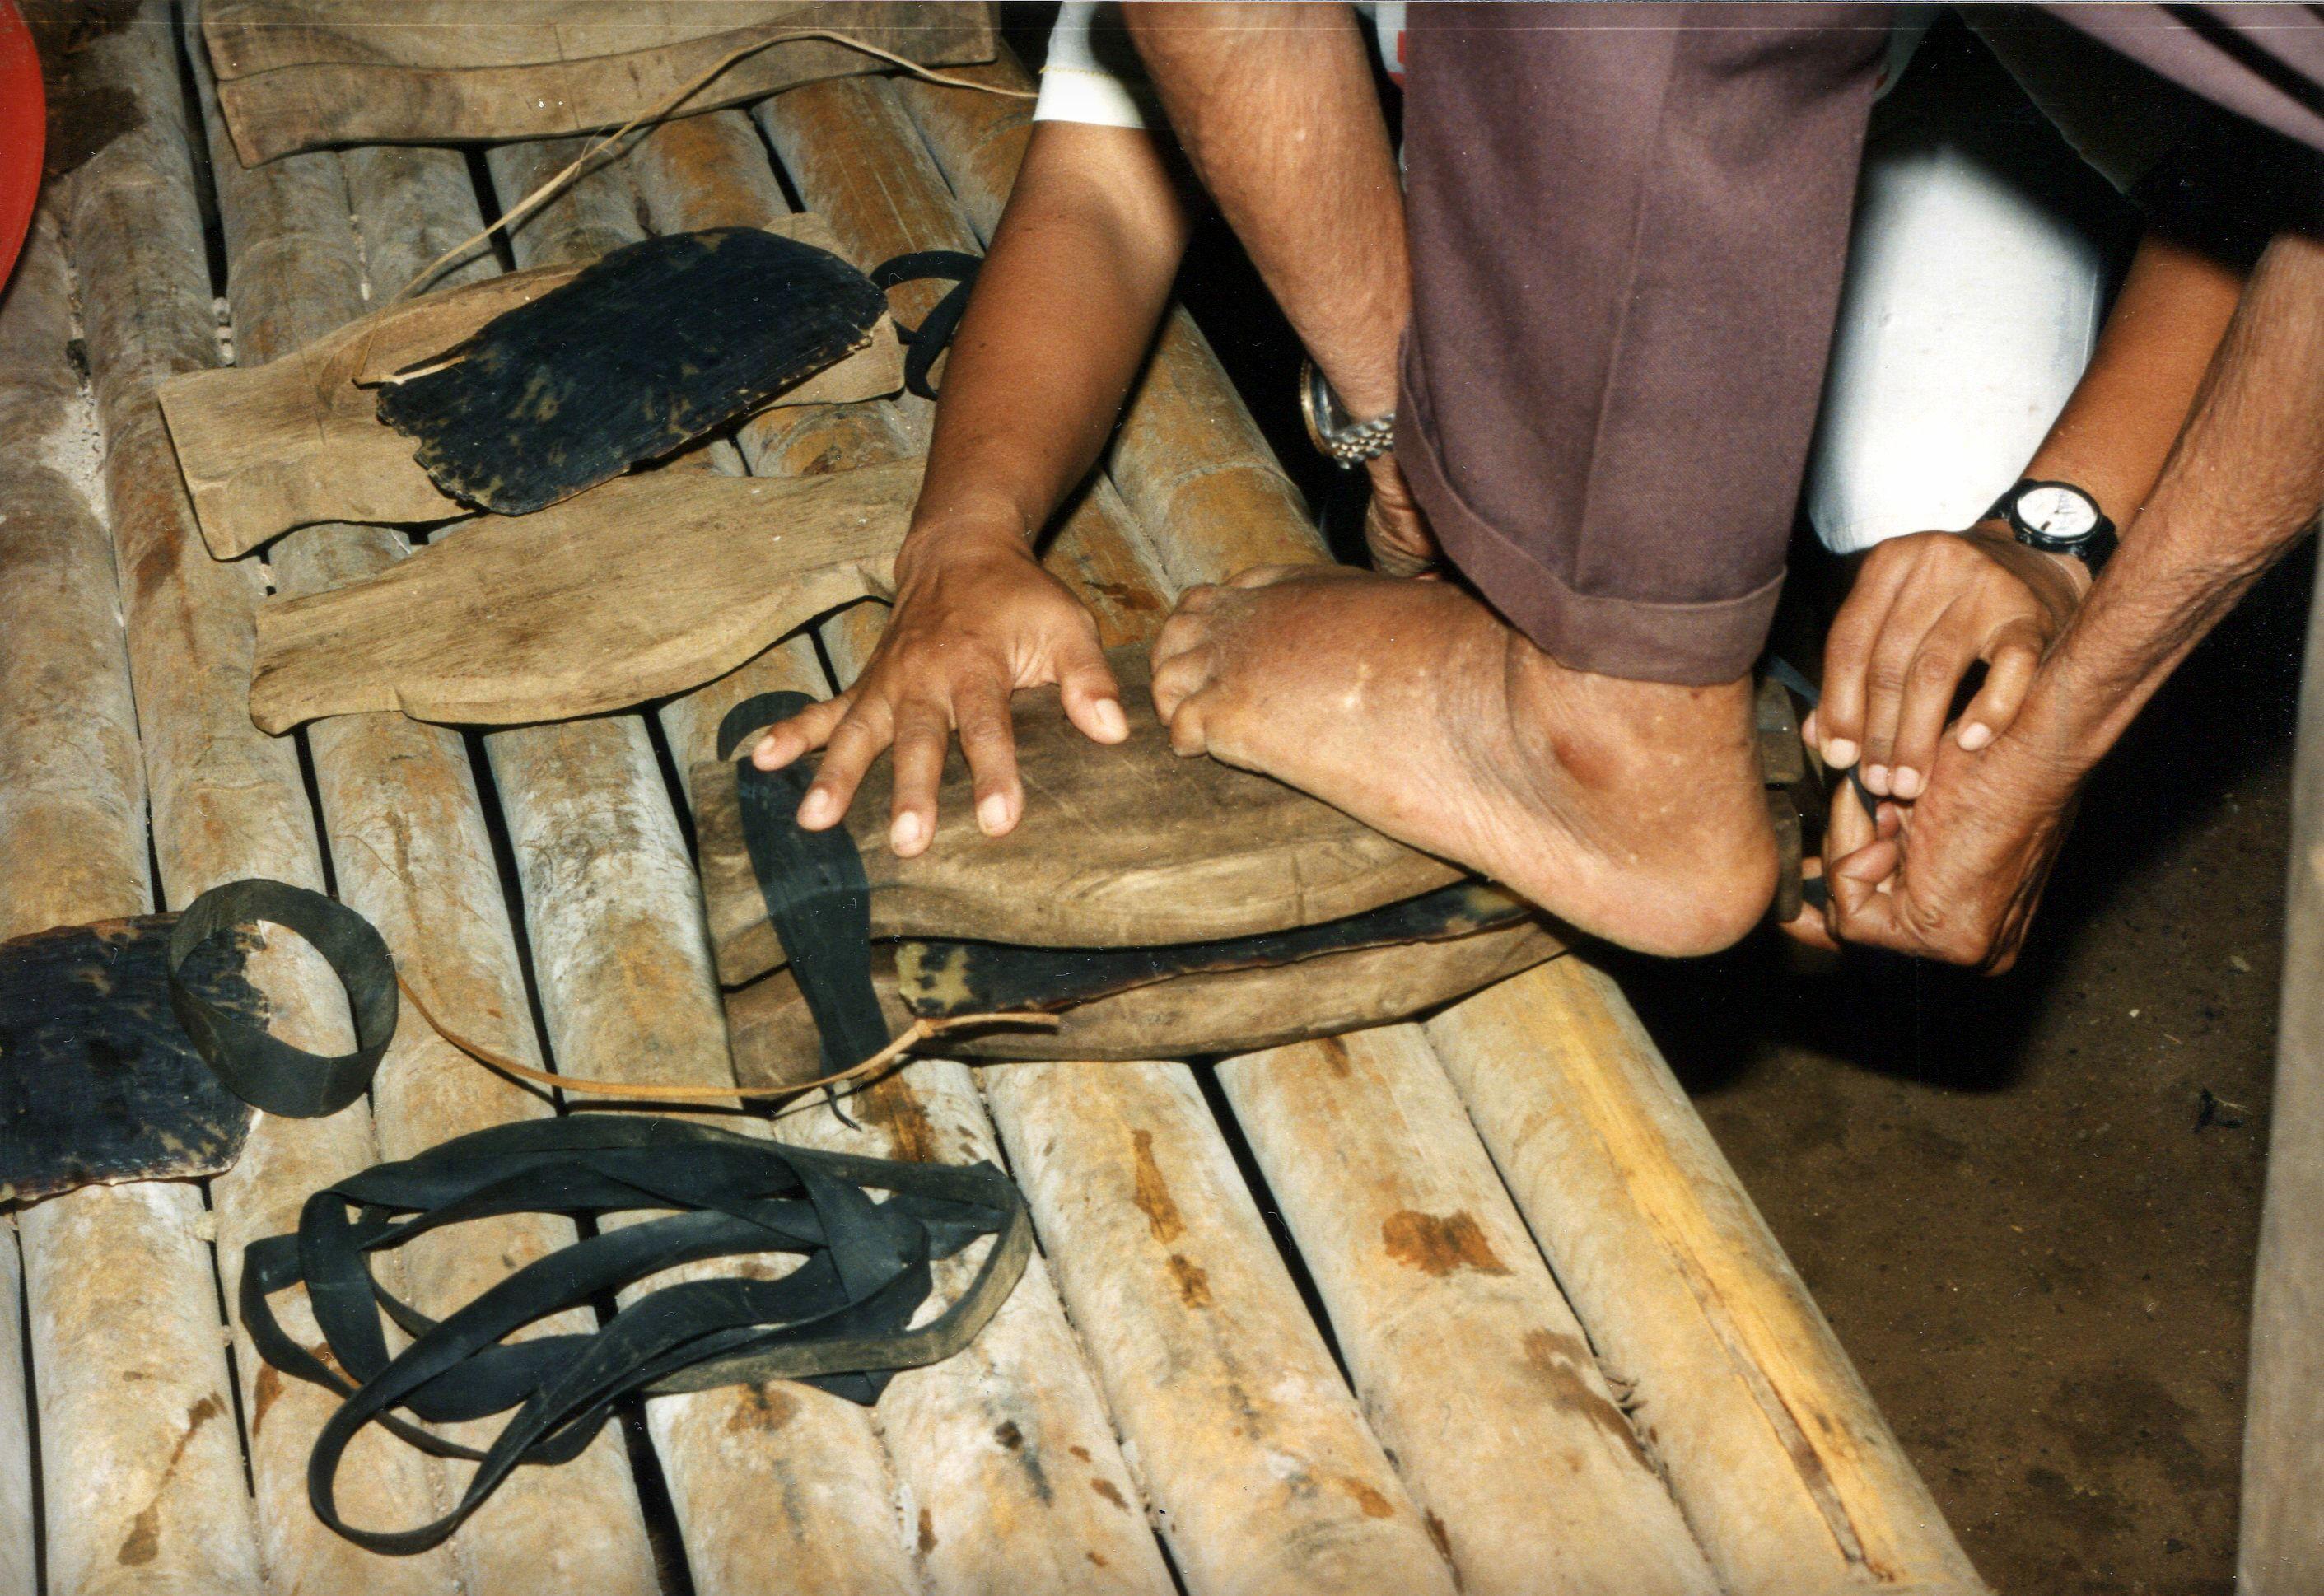 Toluk Herstellung: 1. Schildpatt Platte wird vor dem Kochen in eine Holzform gespannt 1994 Palau (Copyright T.Lautz)